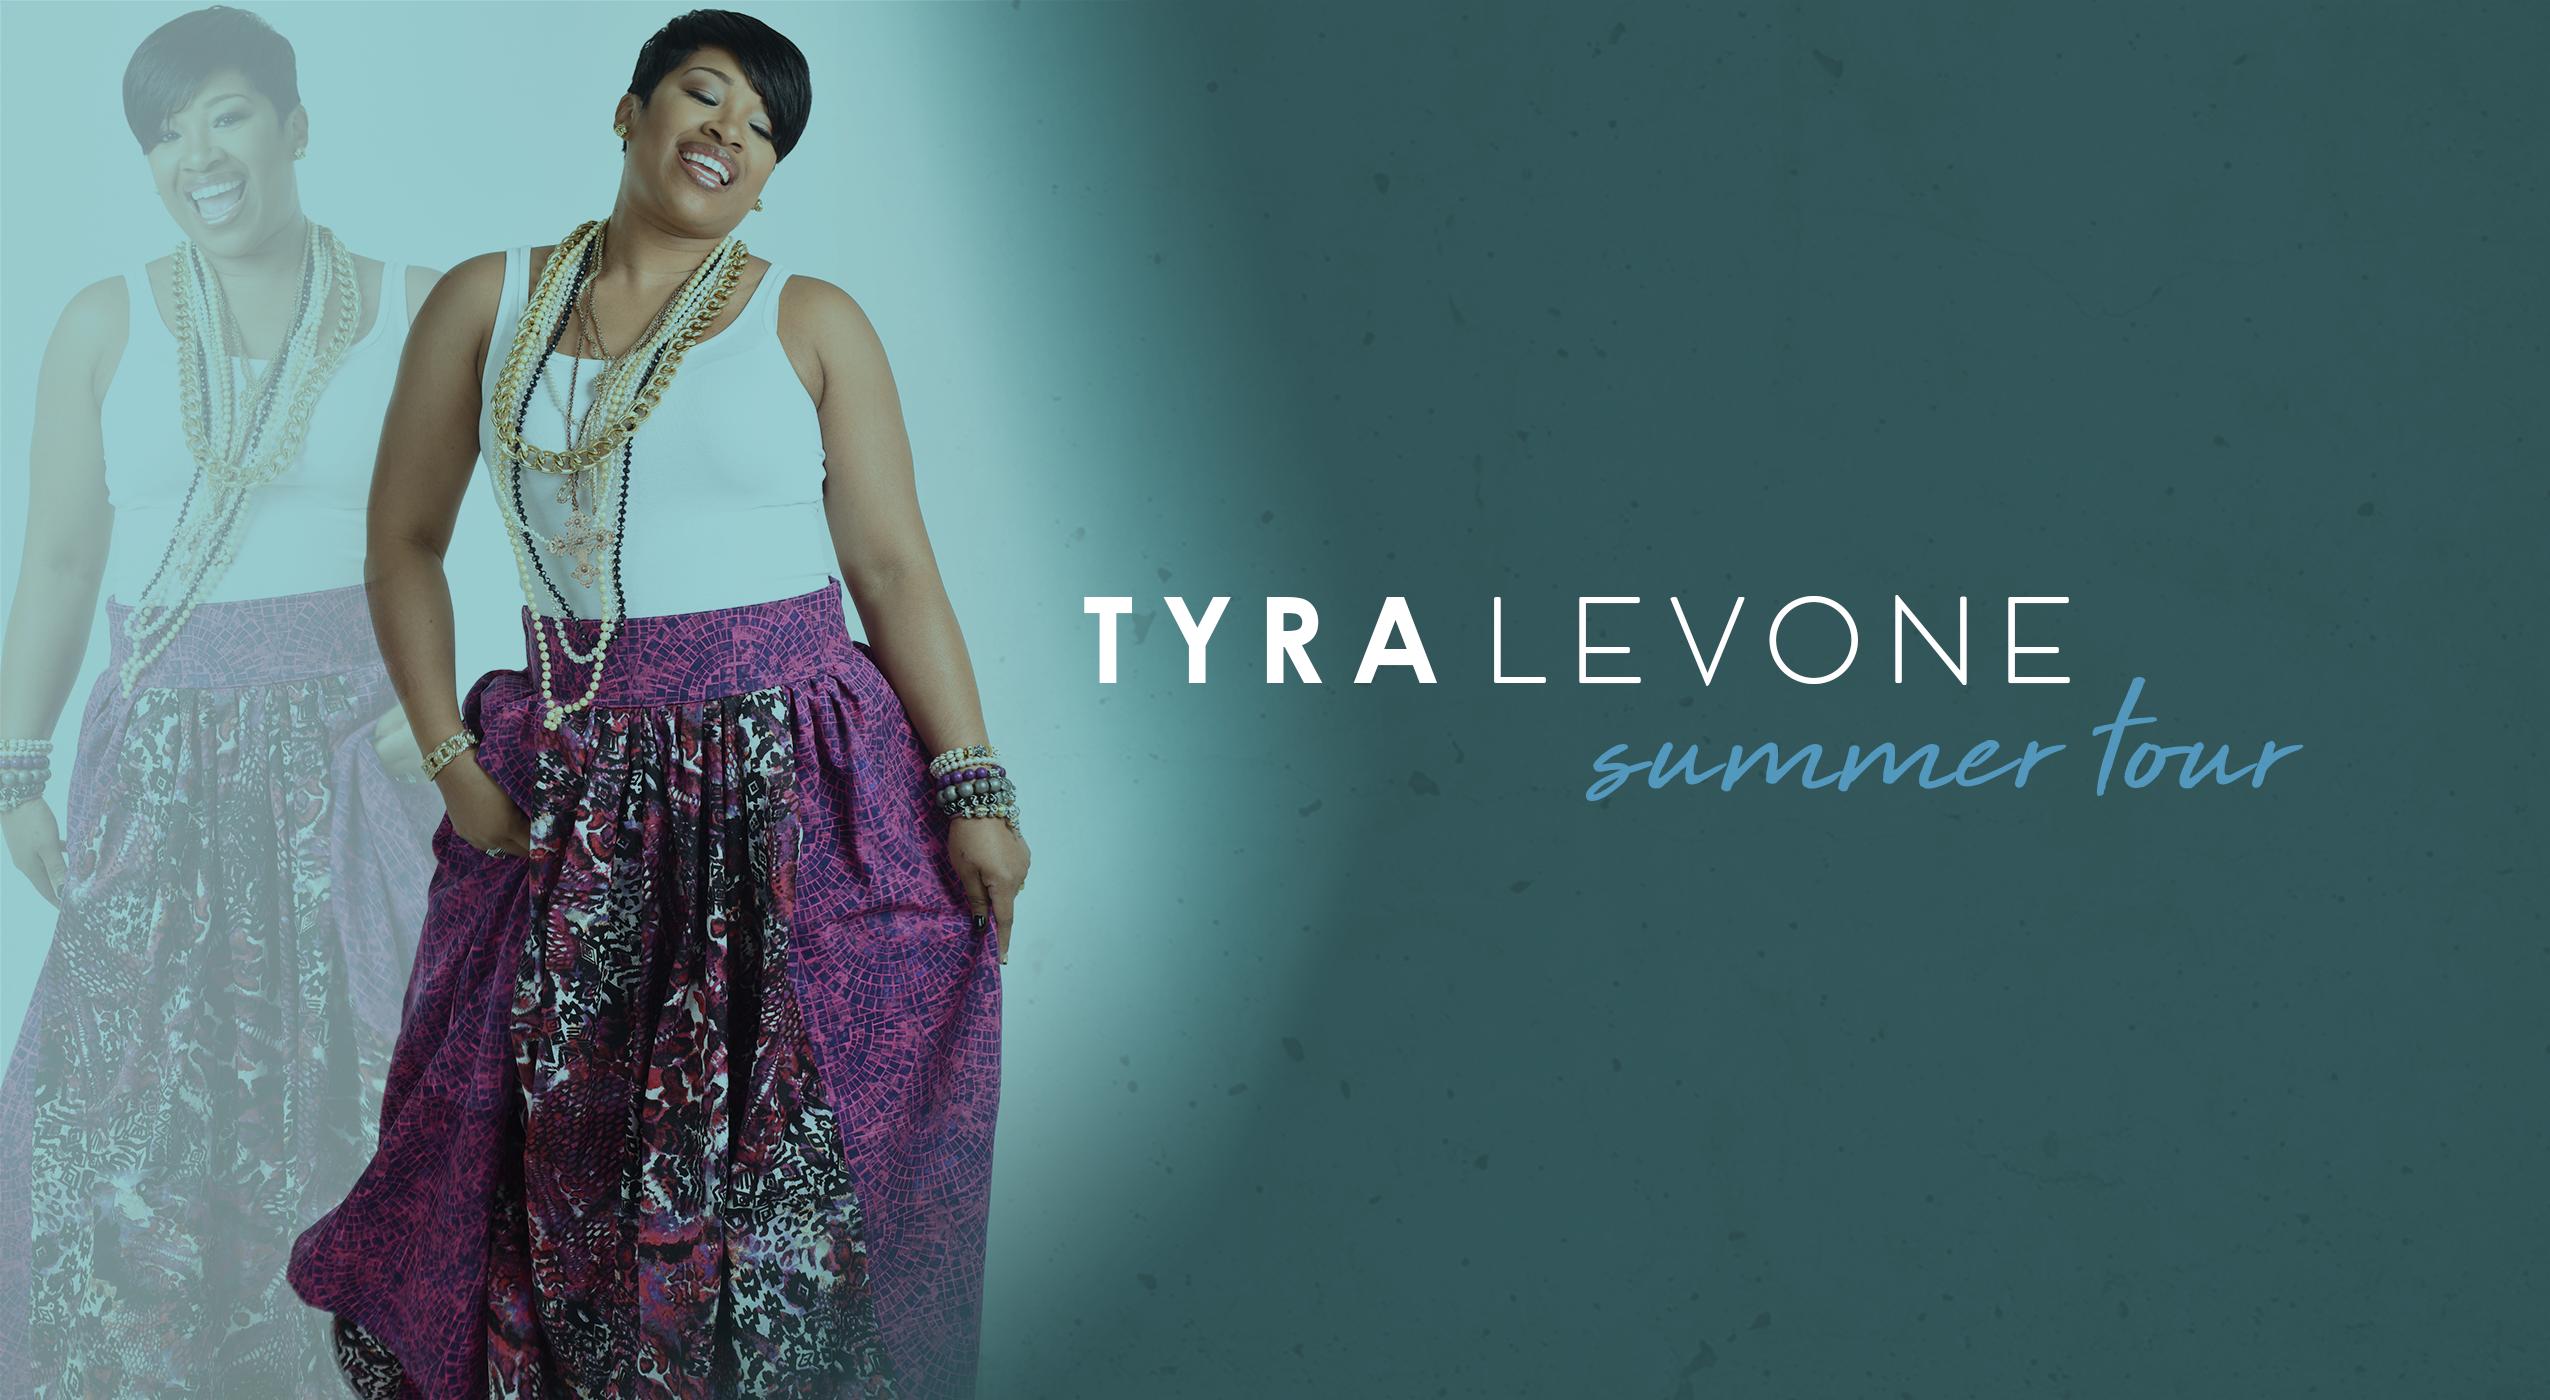 Tyra Levone Summer Promo Banner v2